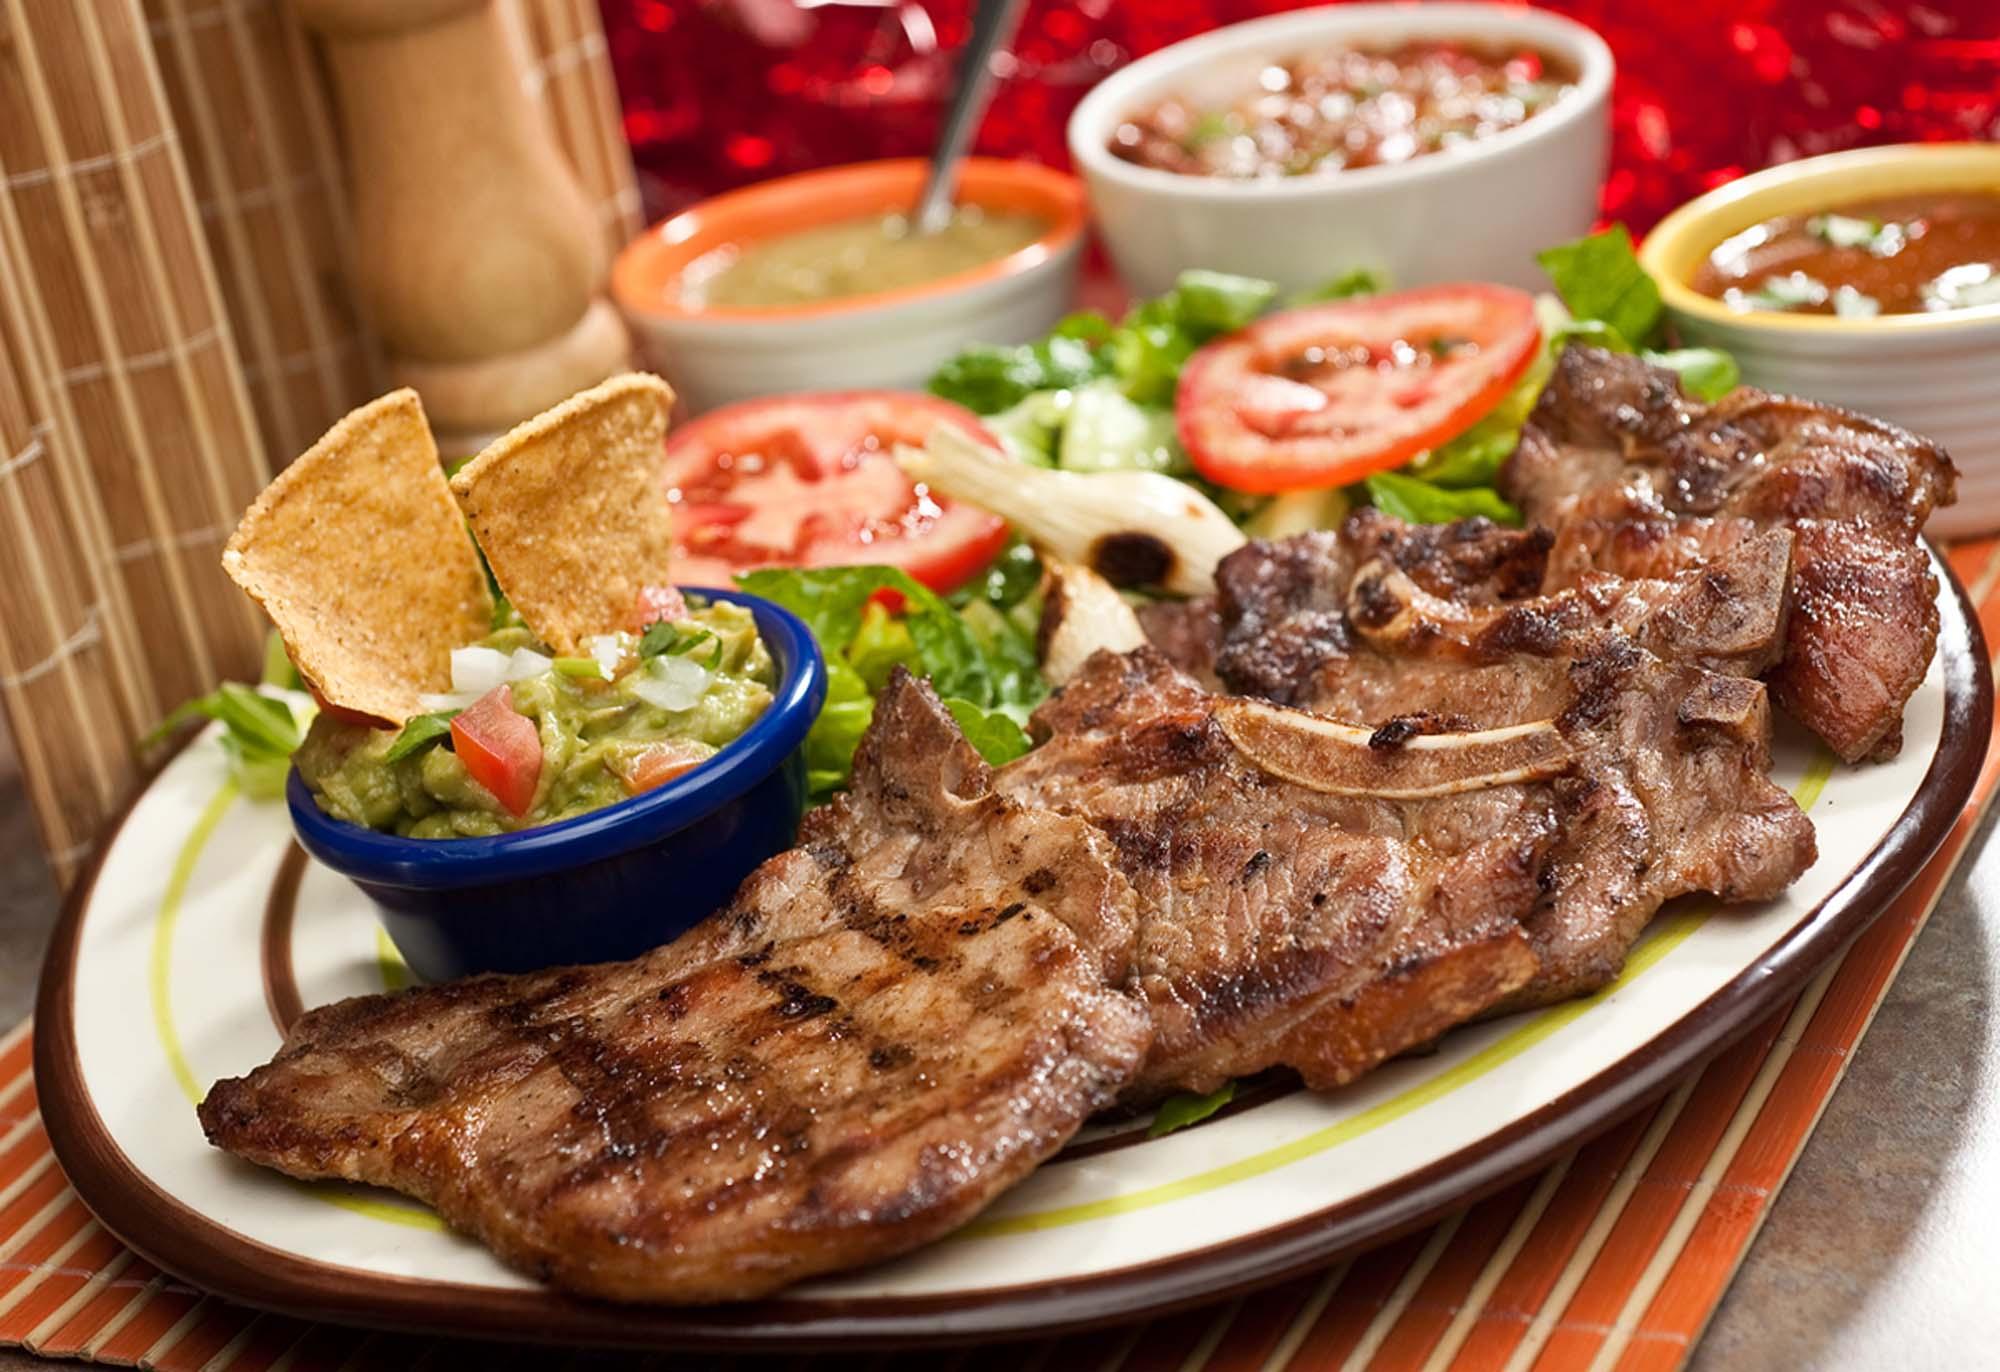 Comida que s lo un verdadero mexicano podr entender for Platos faciles de cocinar